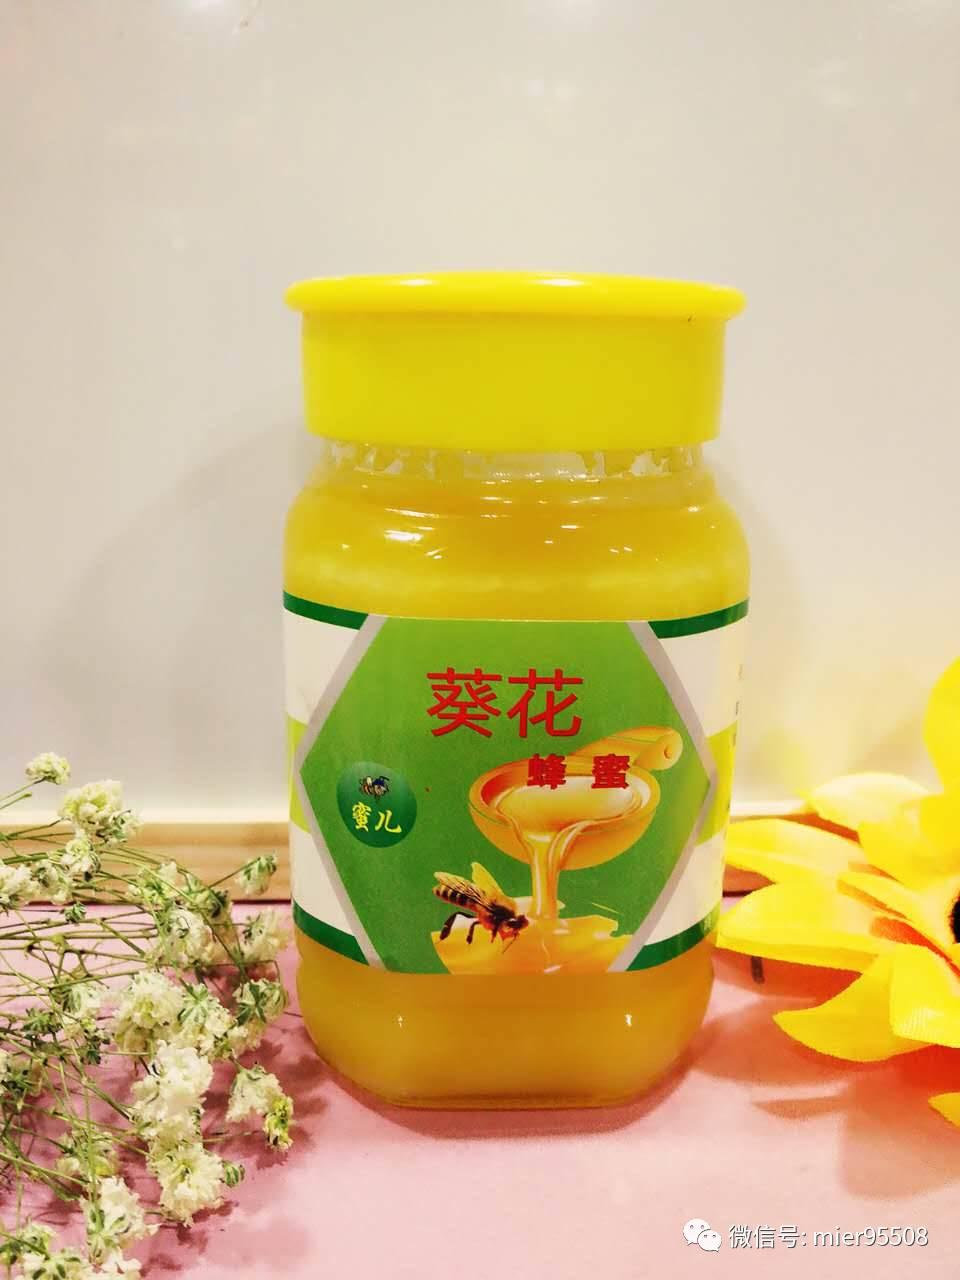 保健食品 蜂蜜加盟连锁 经期可以喝蜂蜜吗 香蕉与蜂蜜面膜 蜂蜜加醋